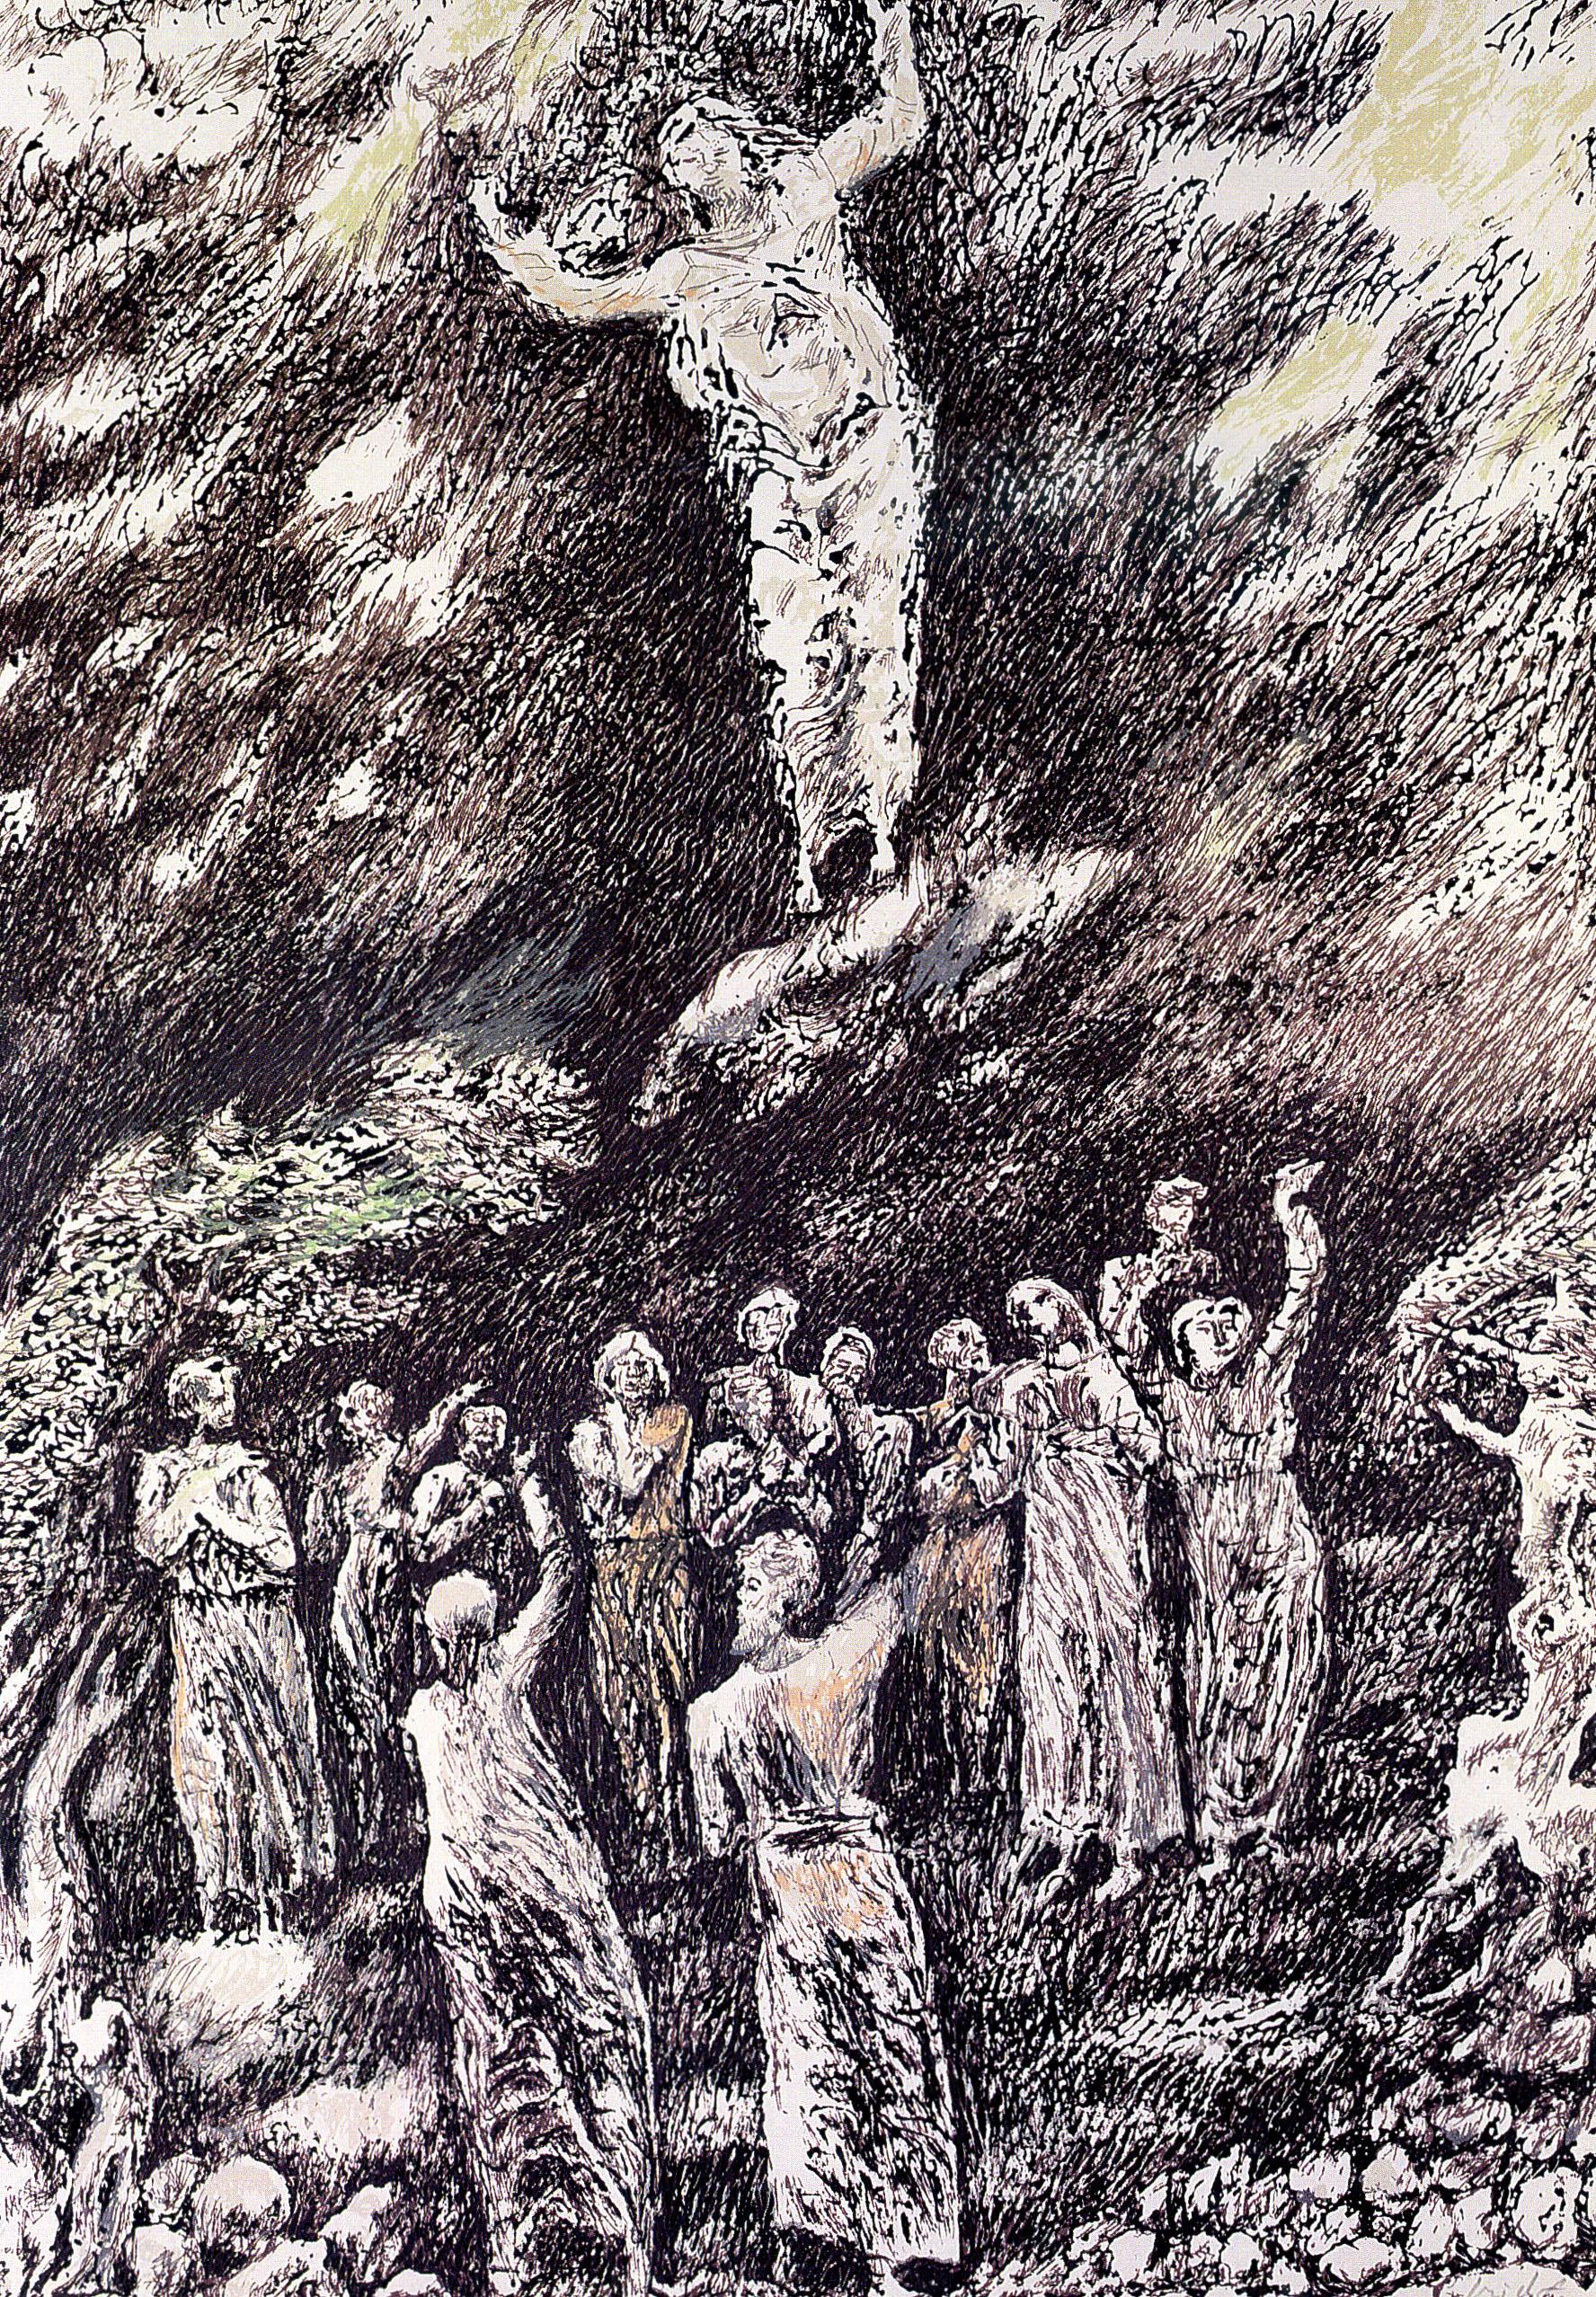 Pericle Fazzini - Ascensione al cielo